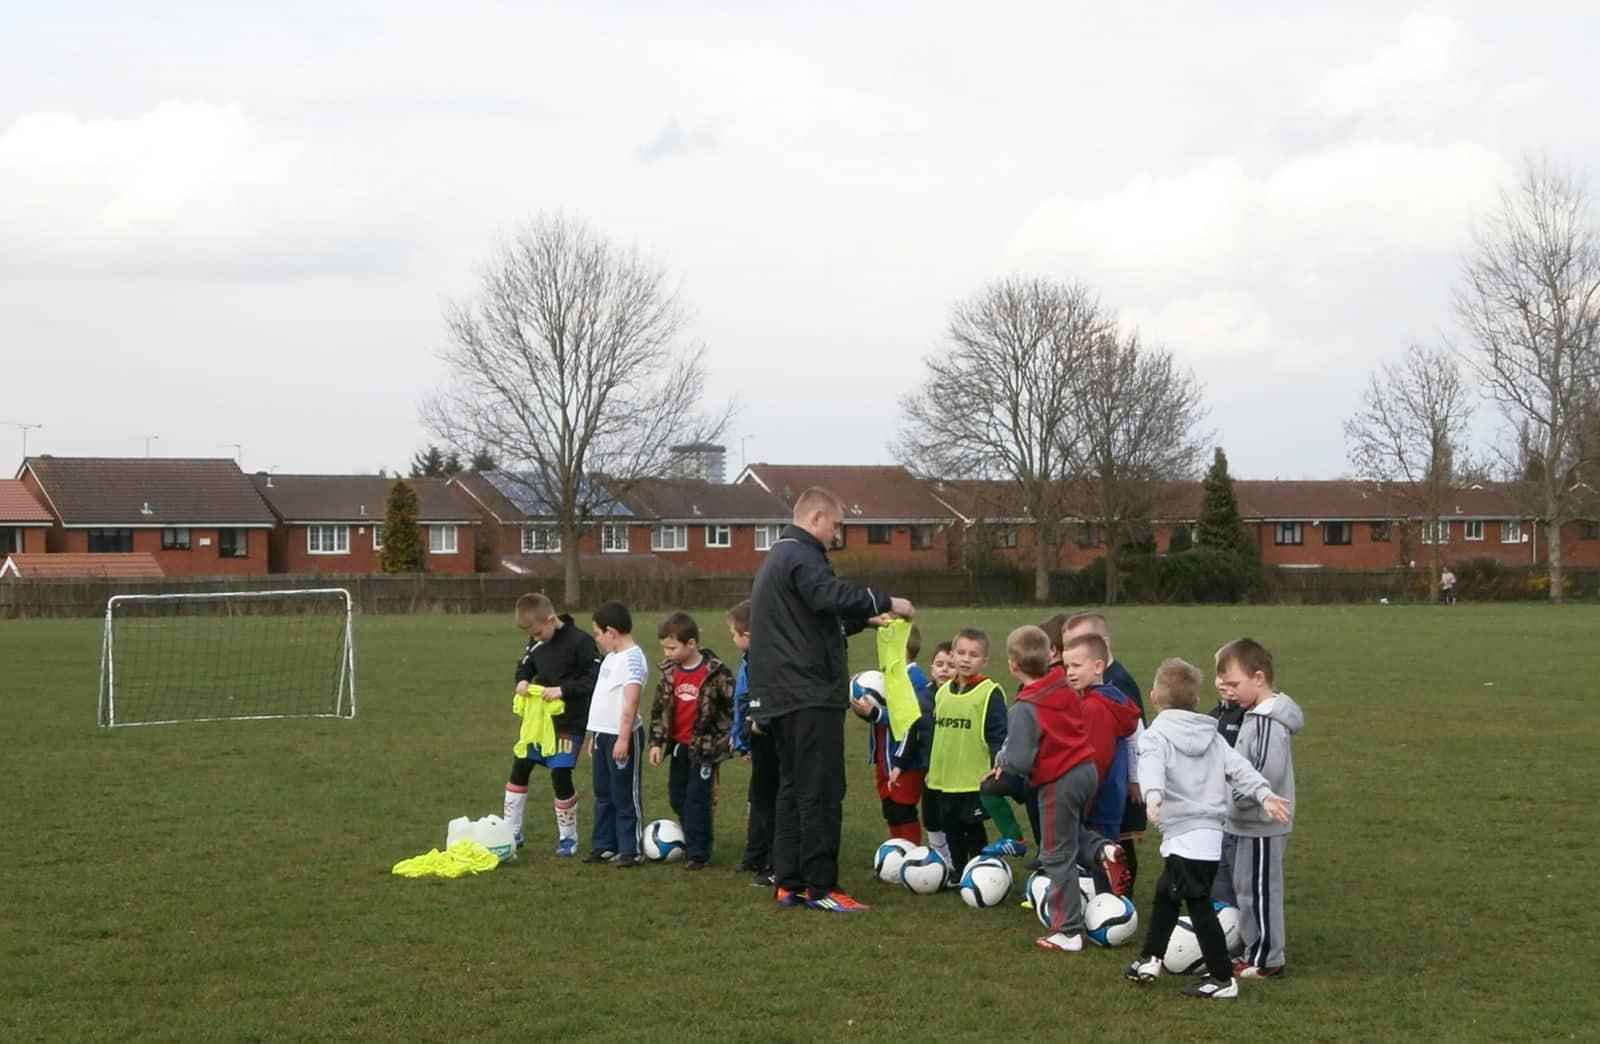 Orlęta z Coventry Szkółka Piłkarska Dla Dzieci Inicjatywa z Myślą o Najmłodszych